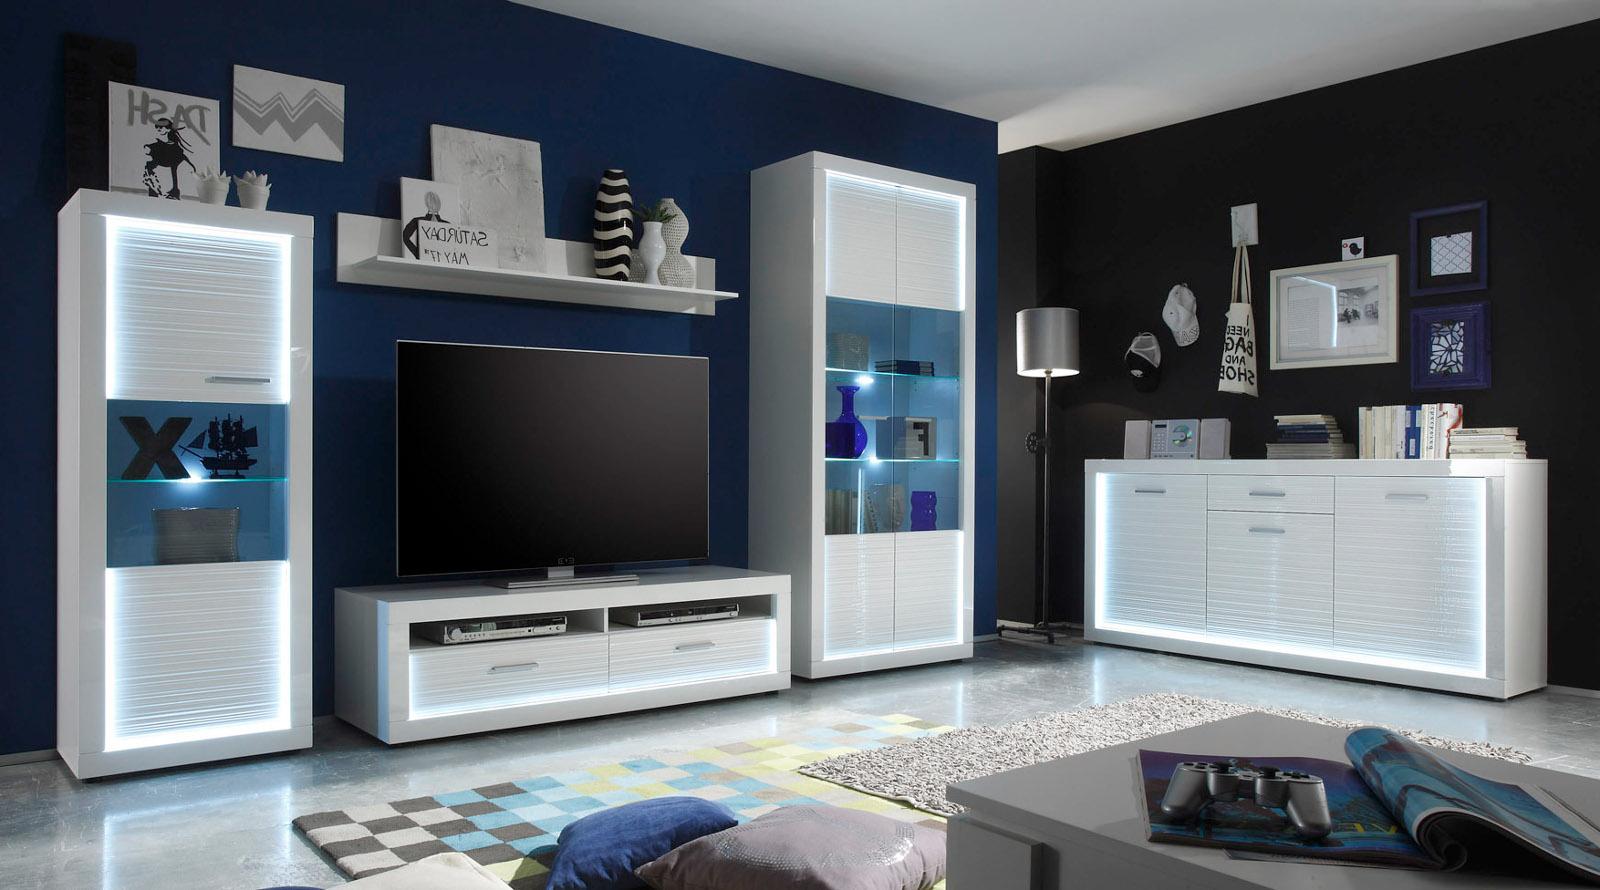 sideboard kommode wei hochglanz rillenoptik led. Black Bedroom Furniture Sets. Home Design Ideas